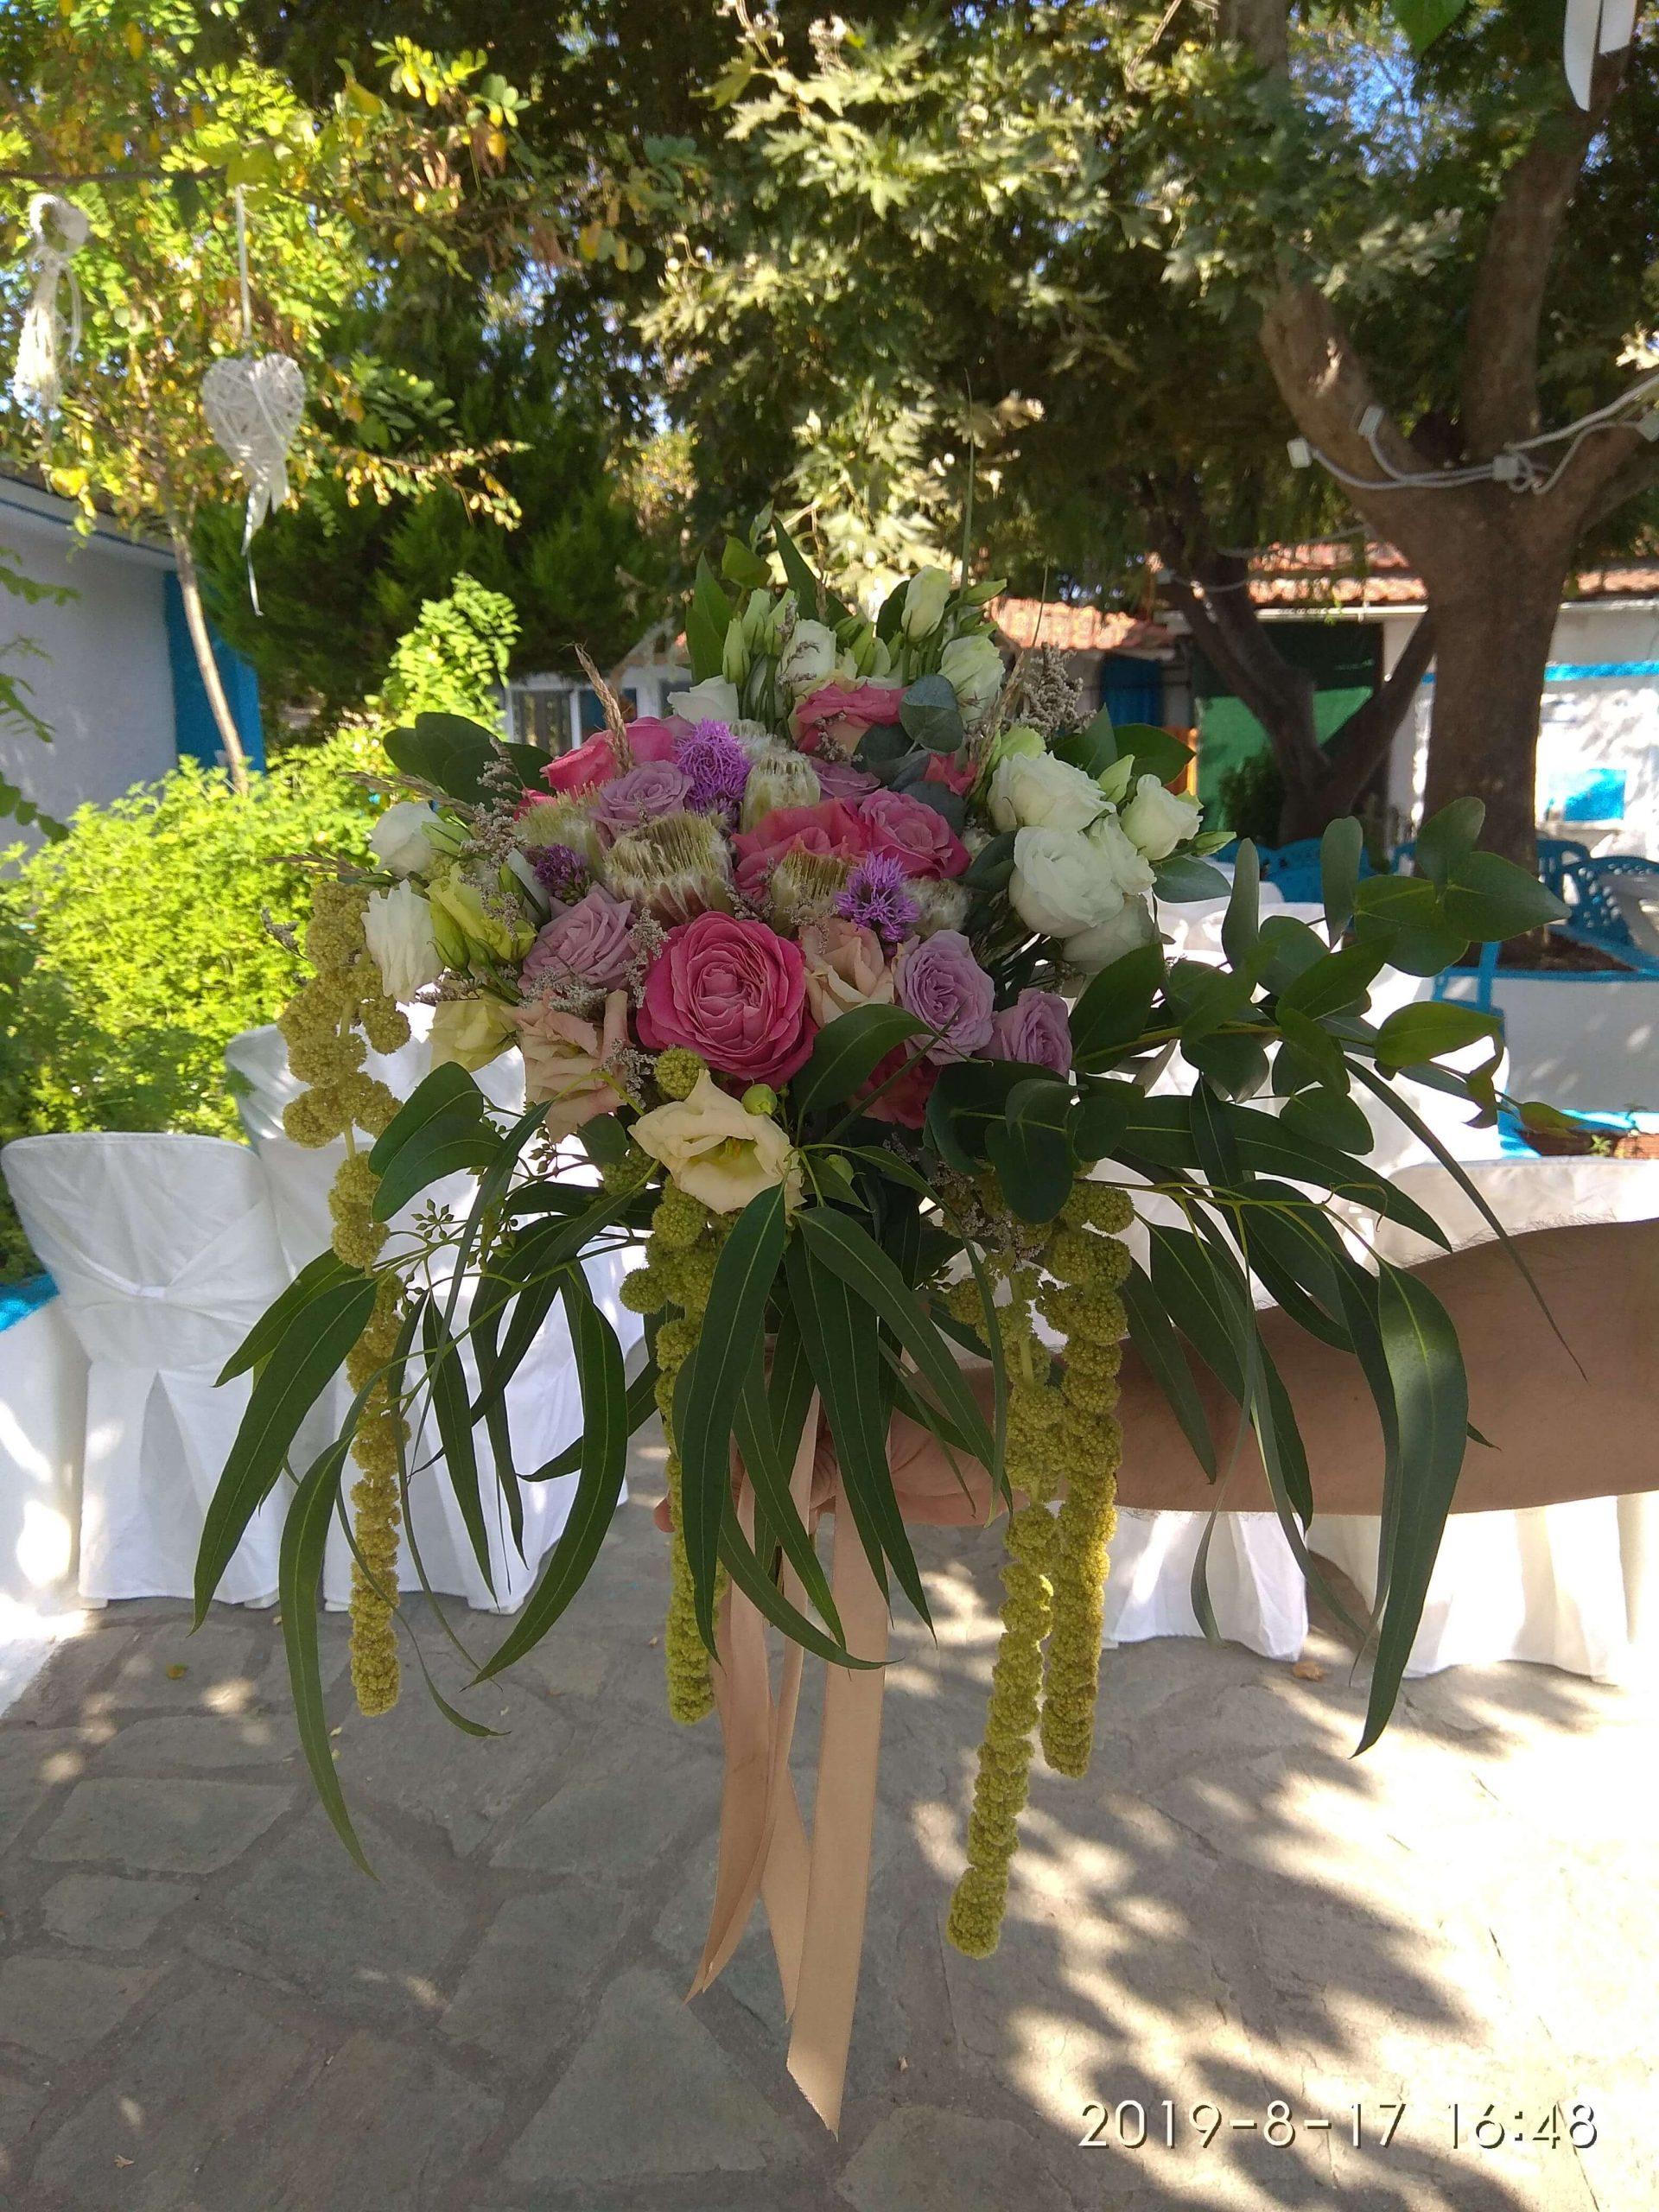 ανθοδέσμη γάμου κρεμαστή με αμάρανθους τριαντάφυλλα πρωτέες στο Εκκλησάκι Παναγία Φανερωμένη στη Σκιώνη χαλκιδικής